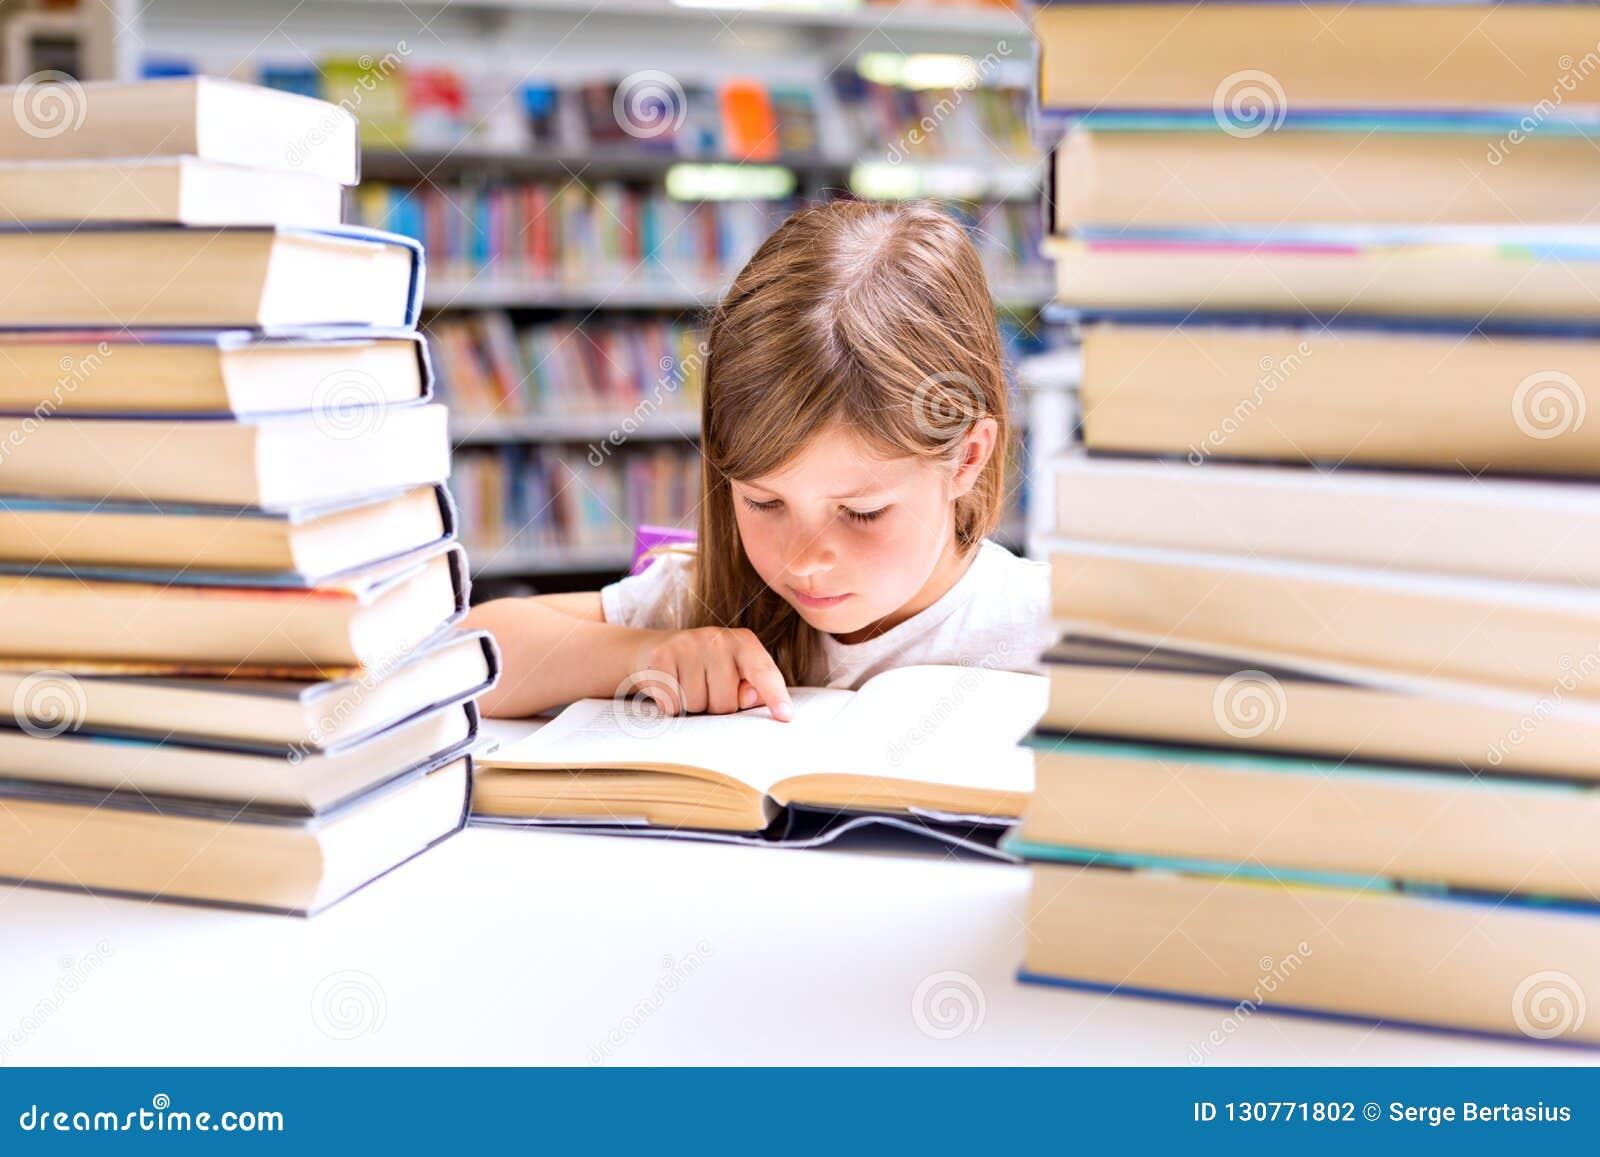 Kleines Mädchen liest ein Buch, das mit Stapel von Büchern in der Waage umgeben wird